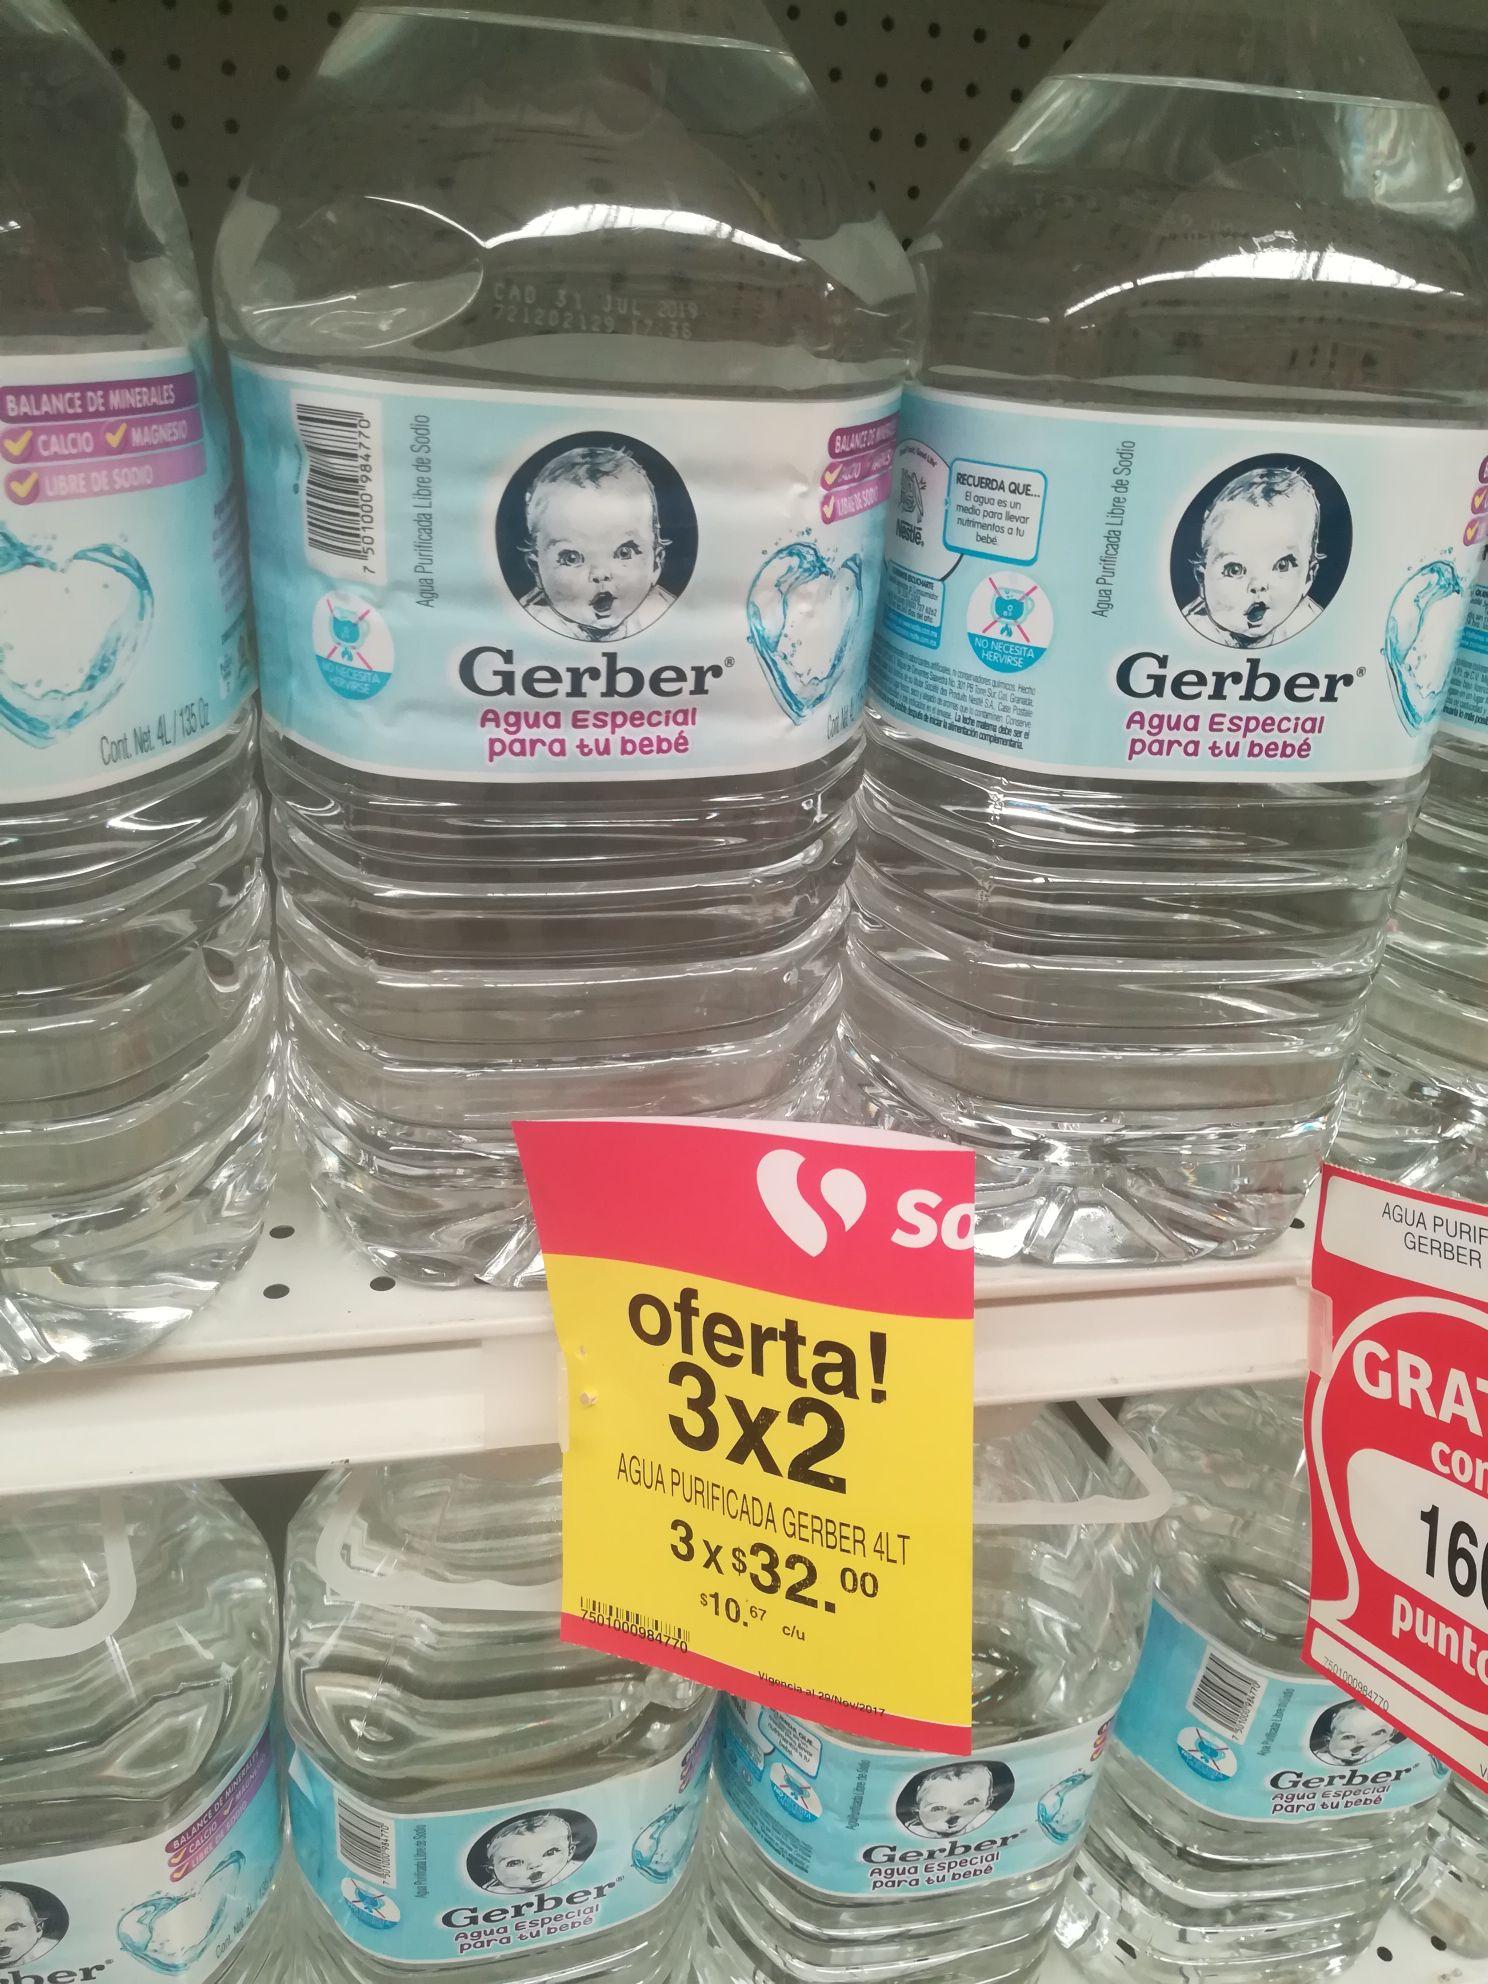 Soriana: Agua Gerber para bebe de 4lt al 3x2. Pagas $32 x 3